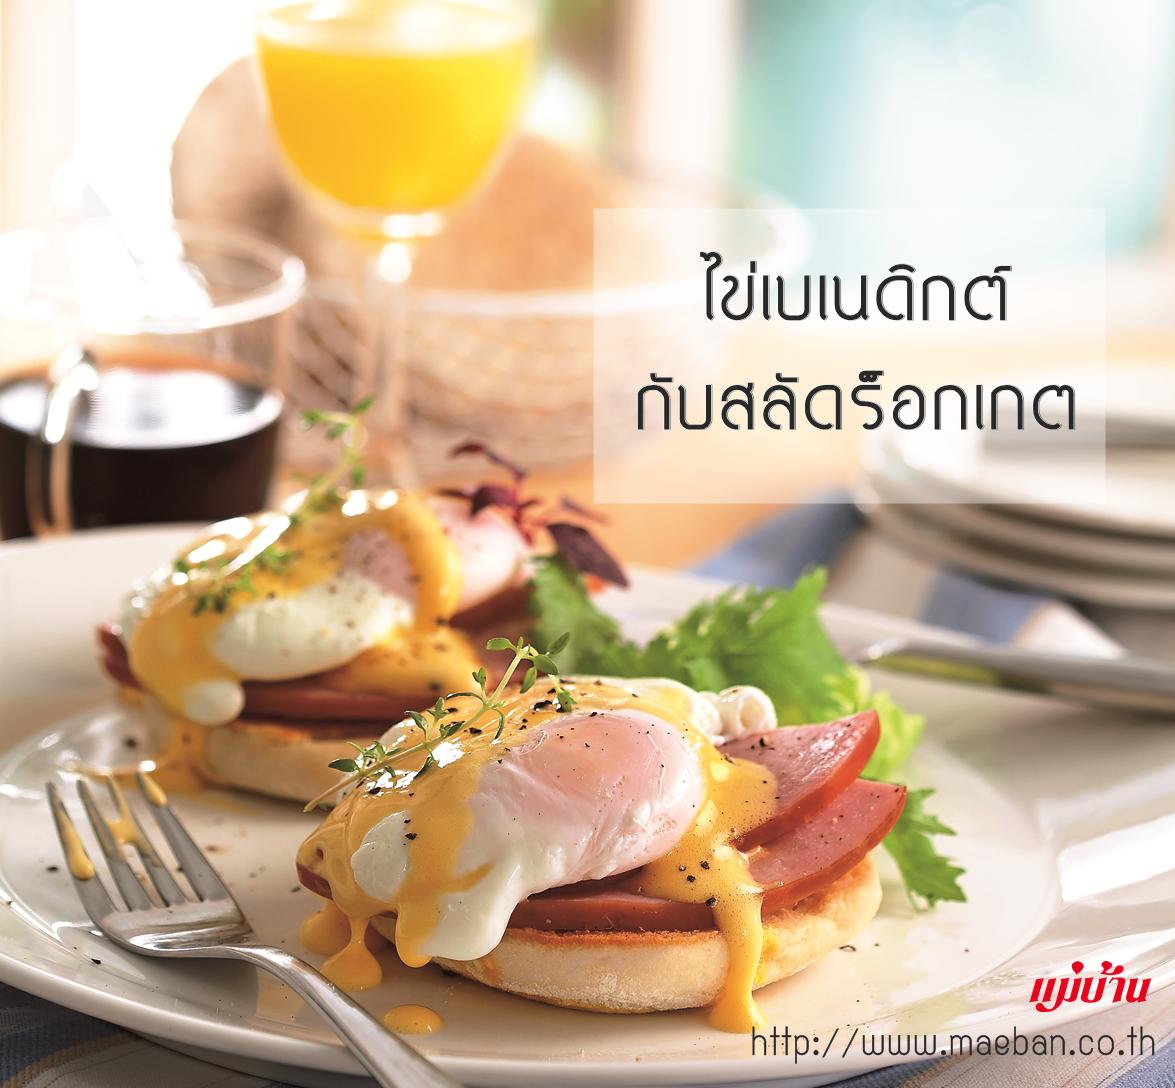 ไข่เบเนดิกต์กับสลัดร็อกเกต สูตรอาหาร วิธีทำ แม่บ้าน